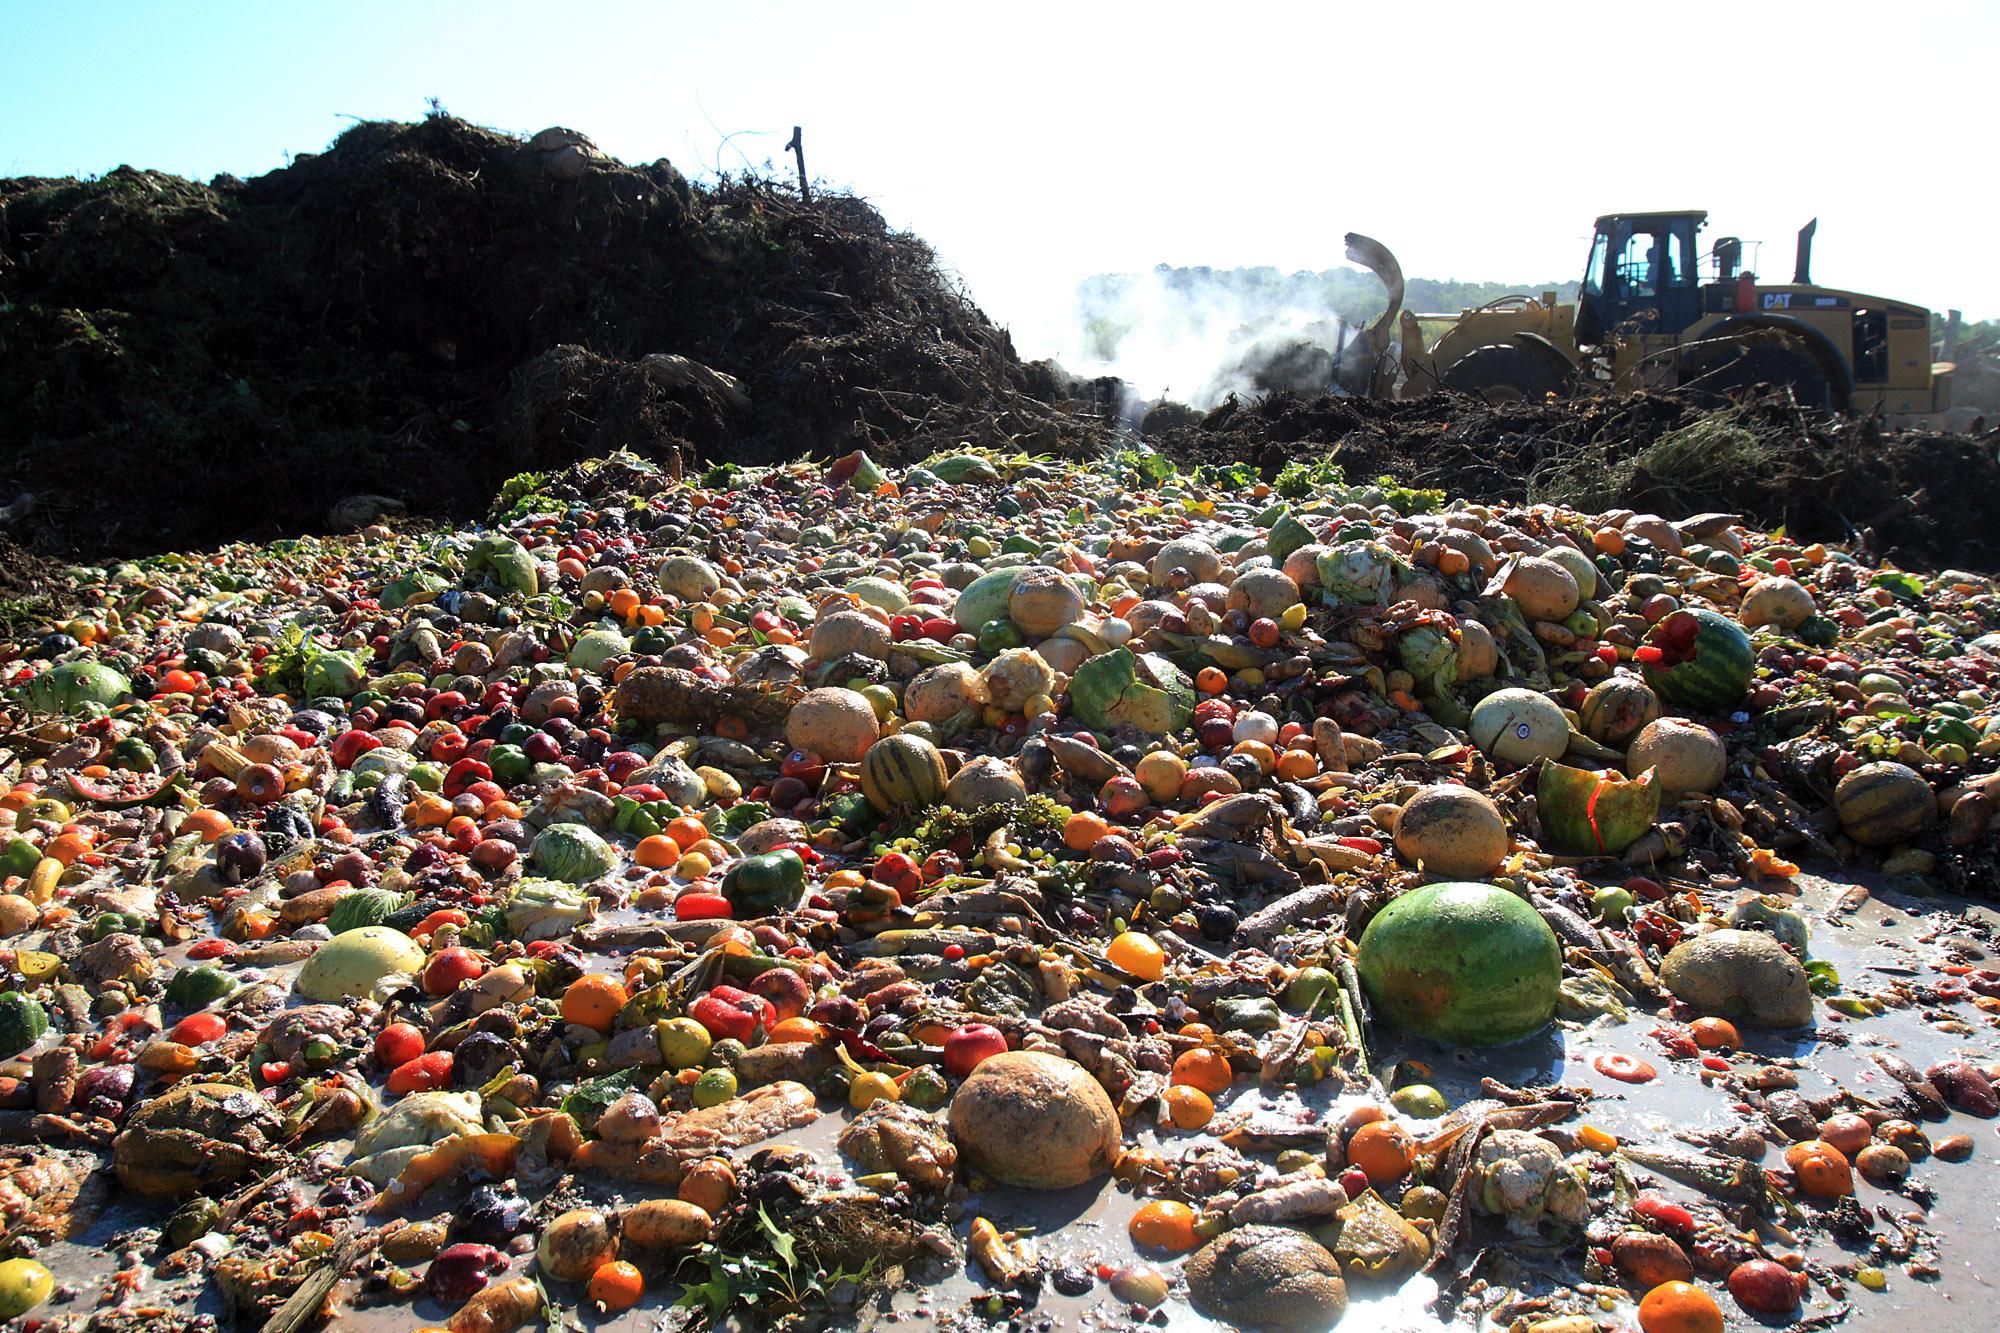 опасность пищевых отходов для окружающей среды